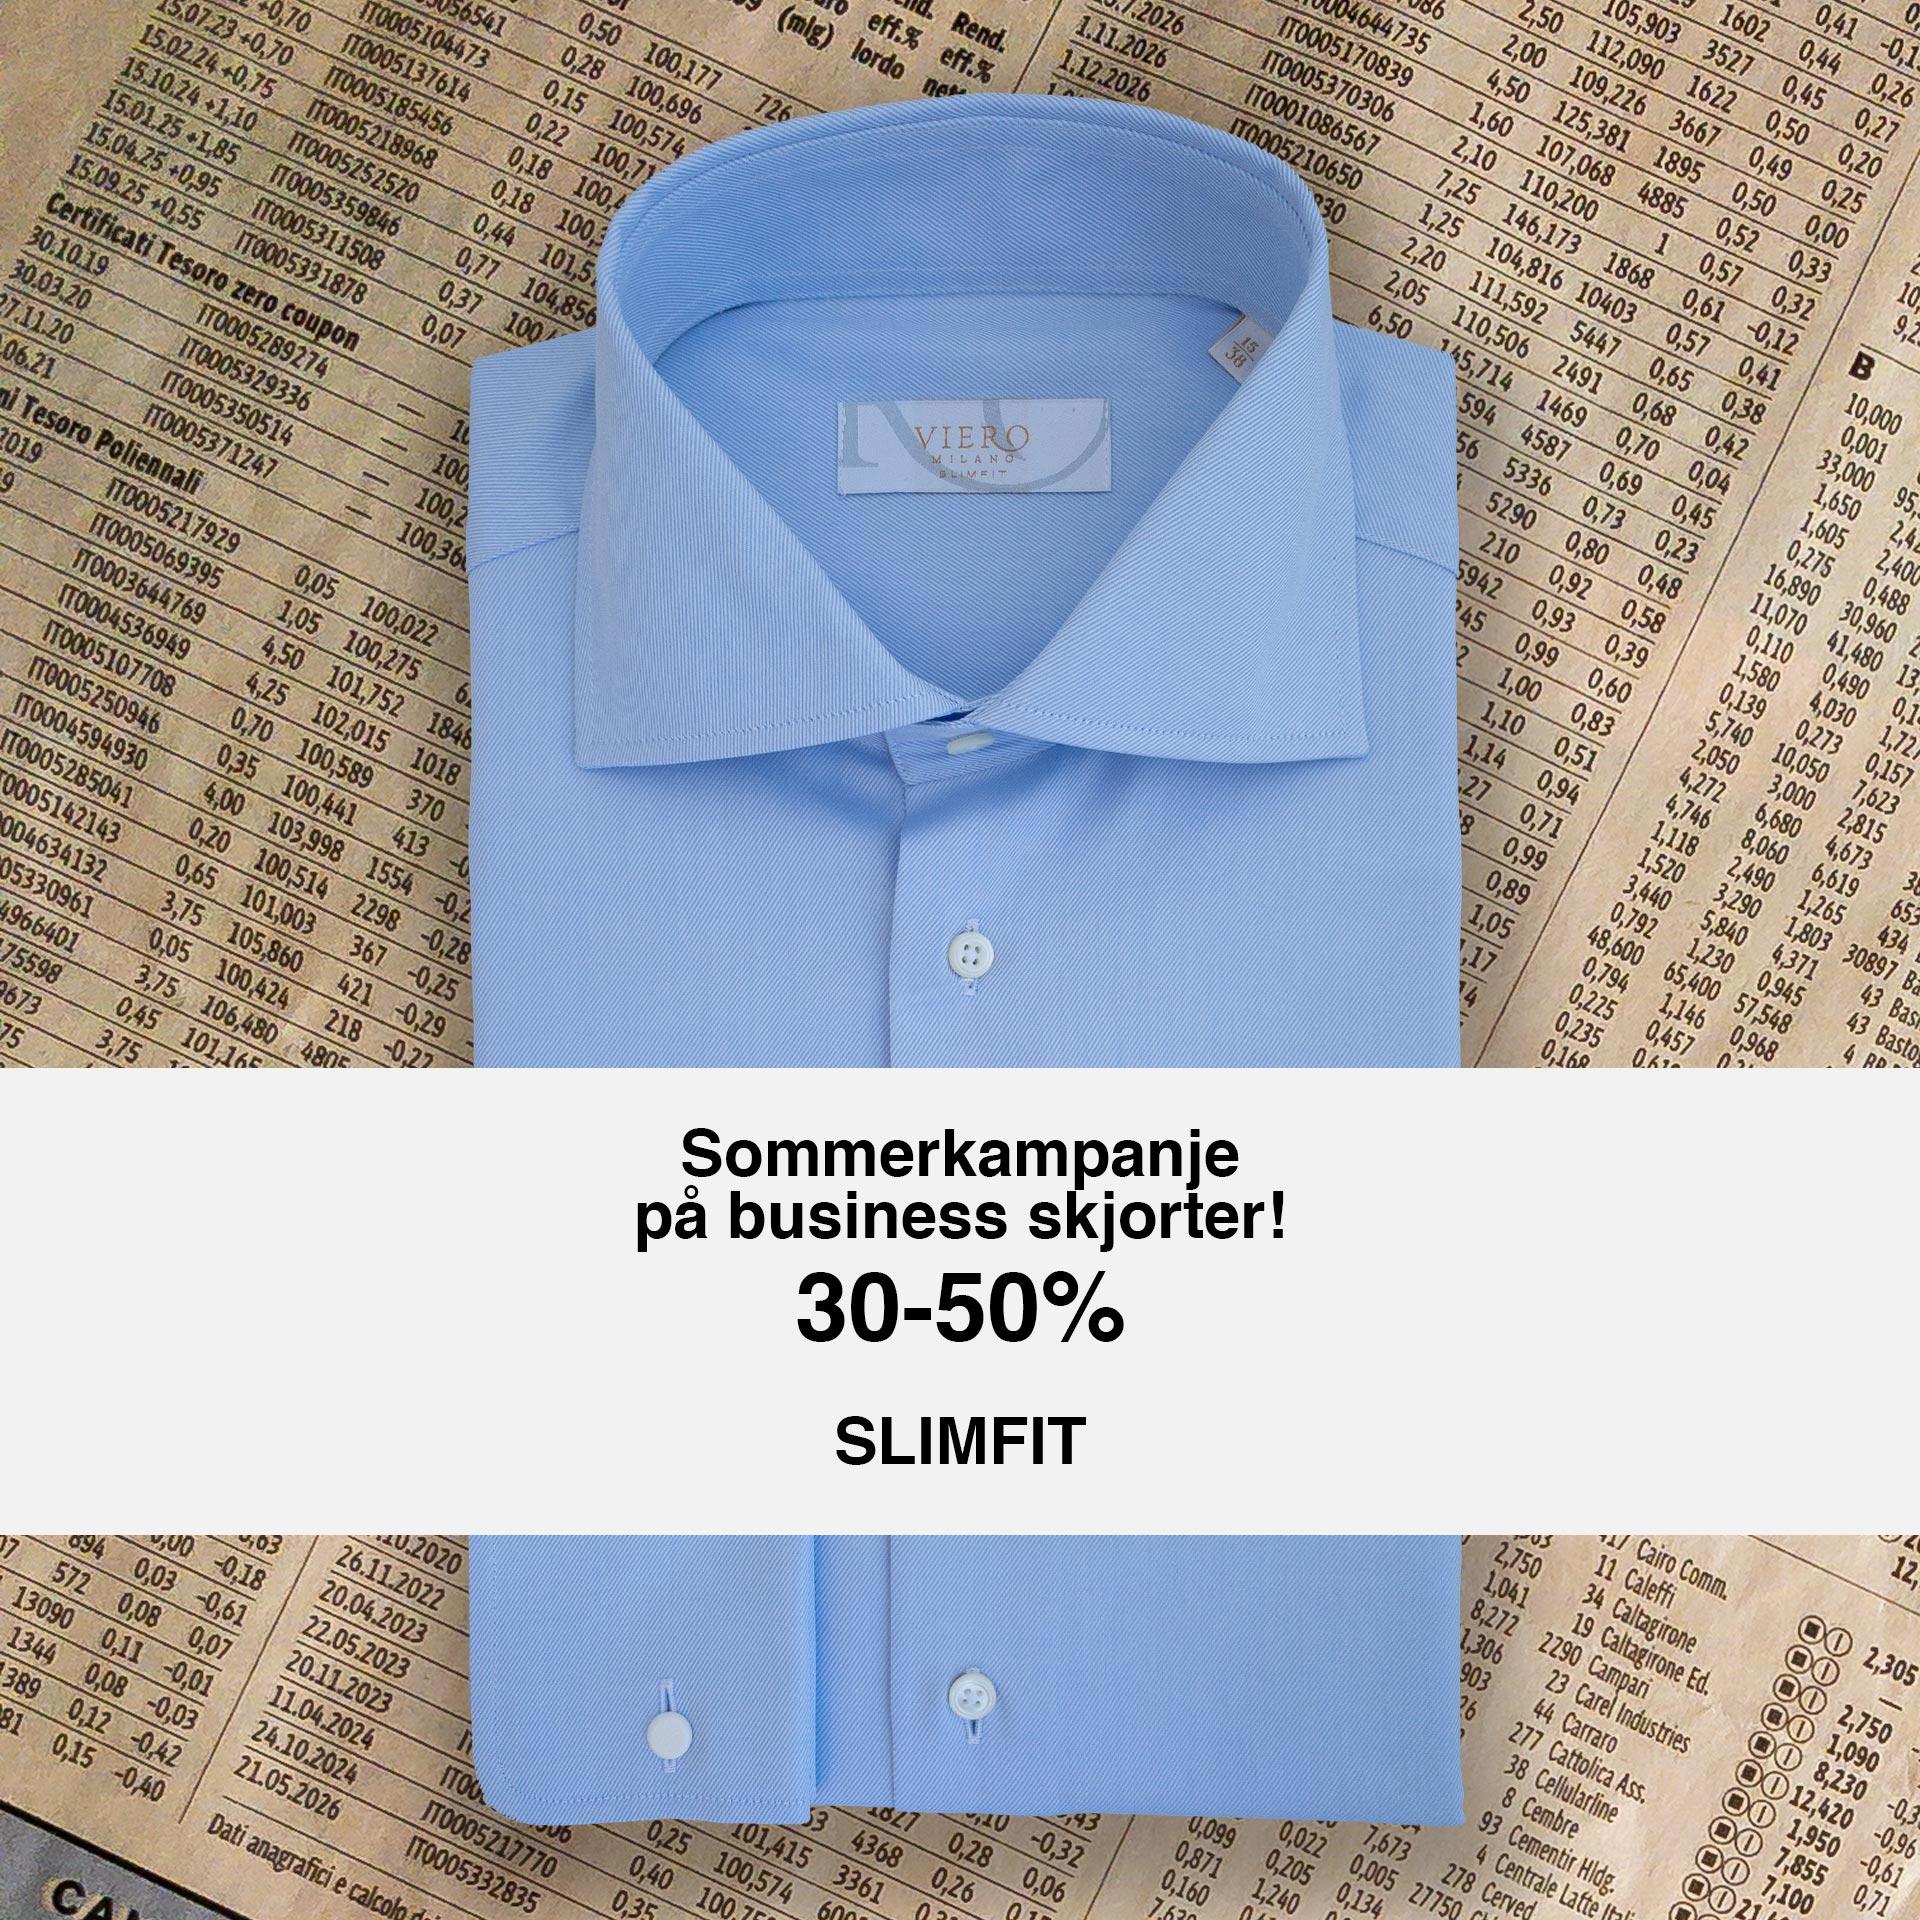 Sommerkampanje på slimfit skjorter!